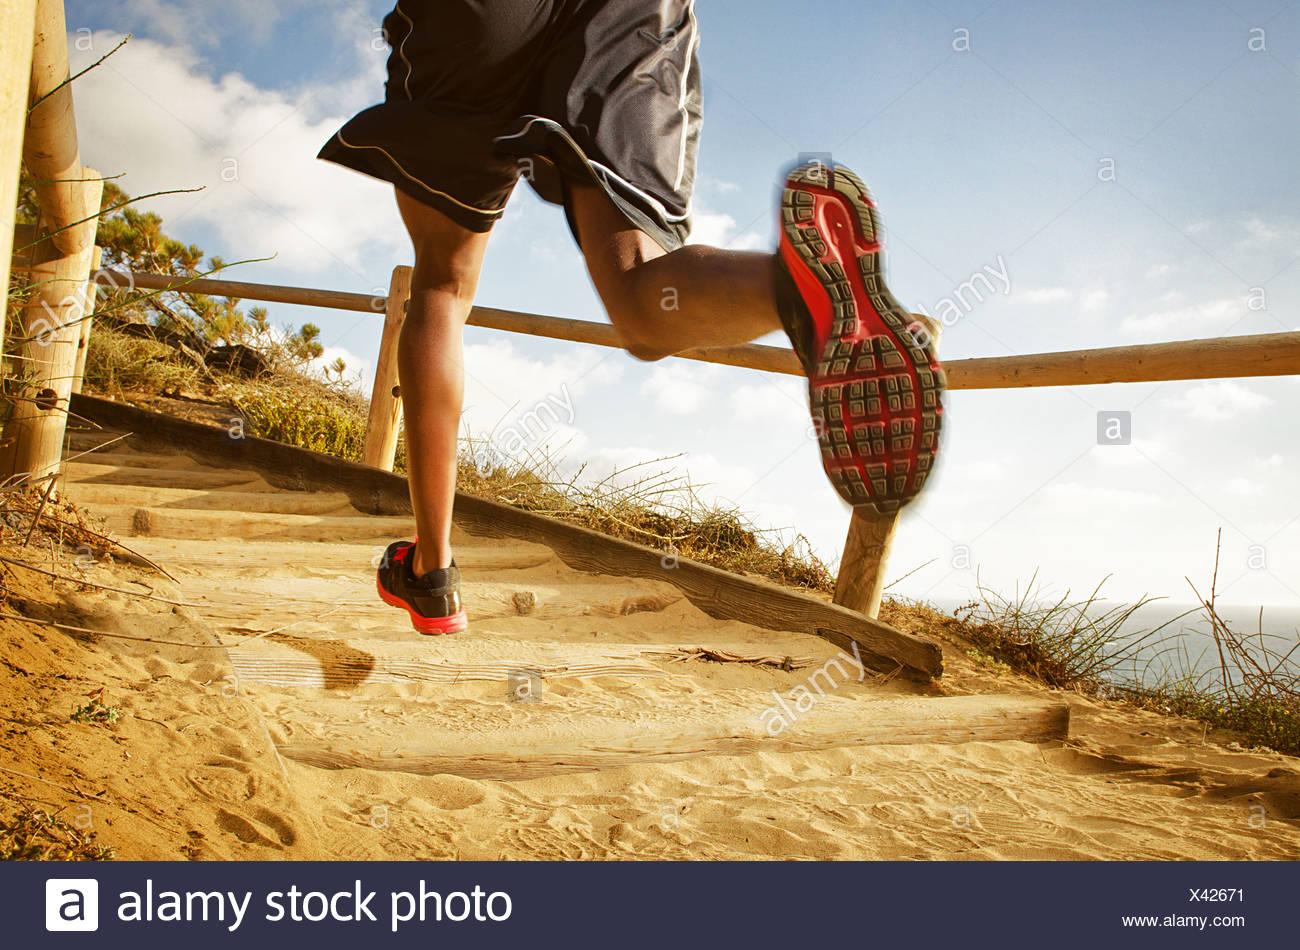 Hombre corriendo en camino de tierra Imagen De Stock